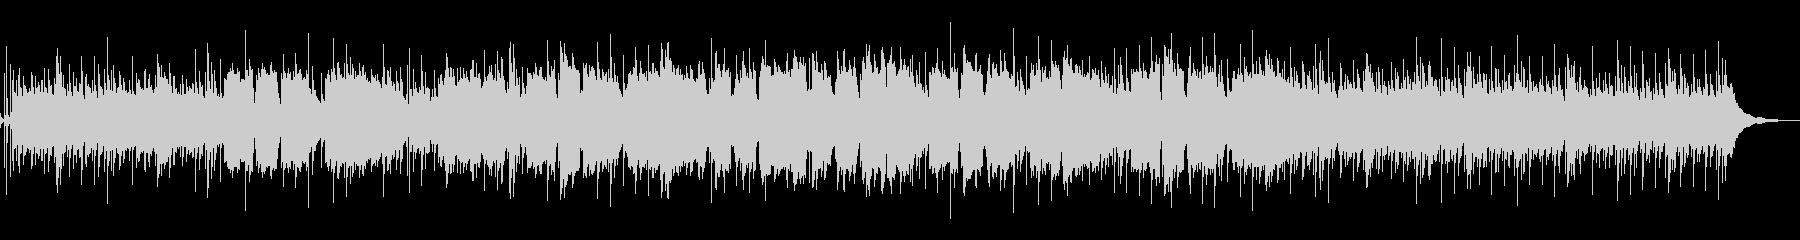 ほのぼのとした弦と笛による和風系BGMの未再生の波形